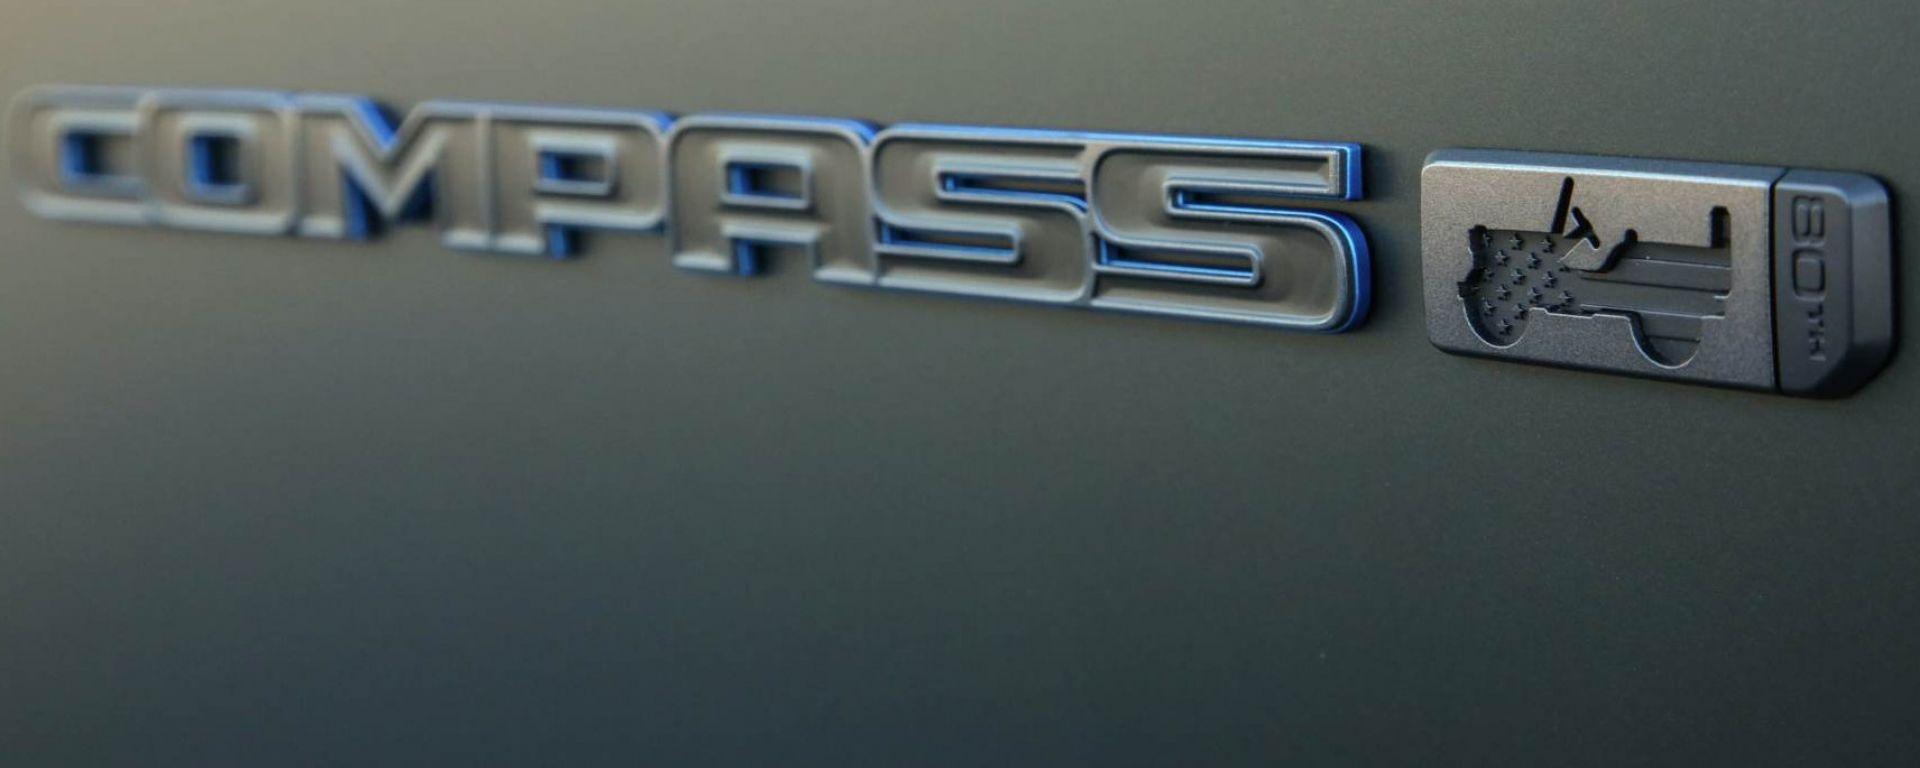 Jeep Compass 2021, il reveal martedì 6 aprile alle ore 12